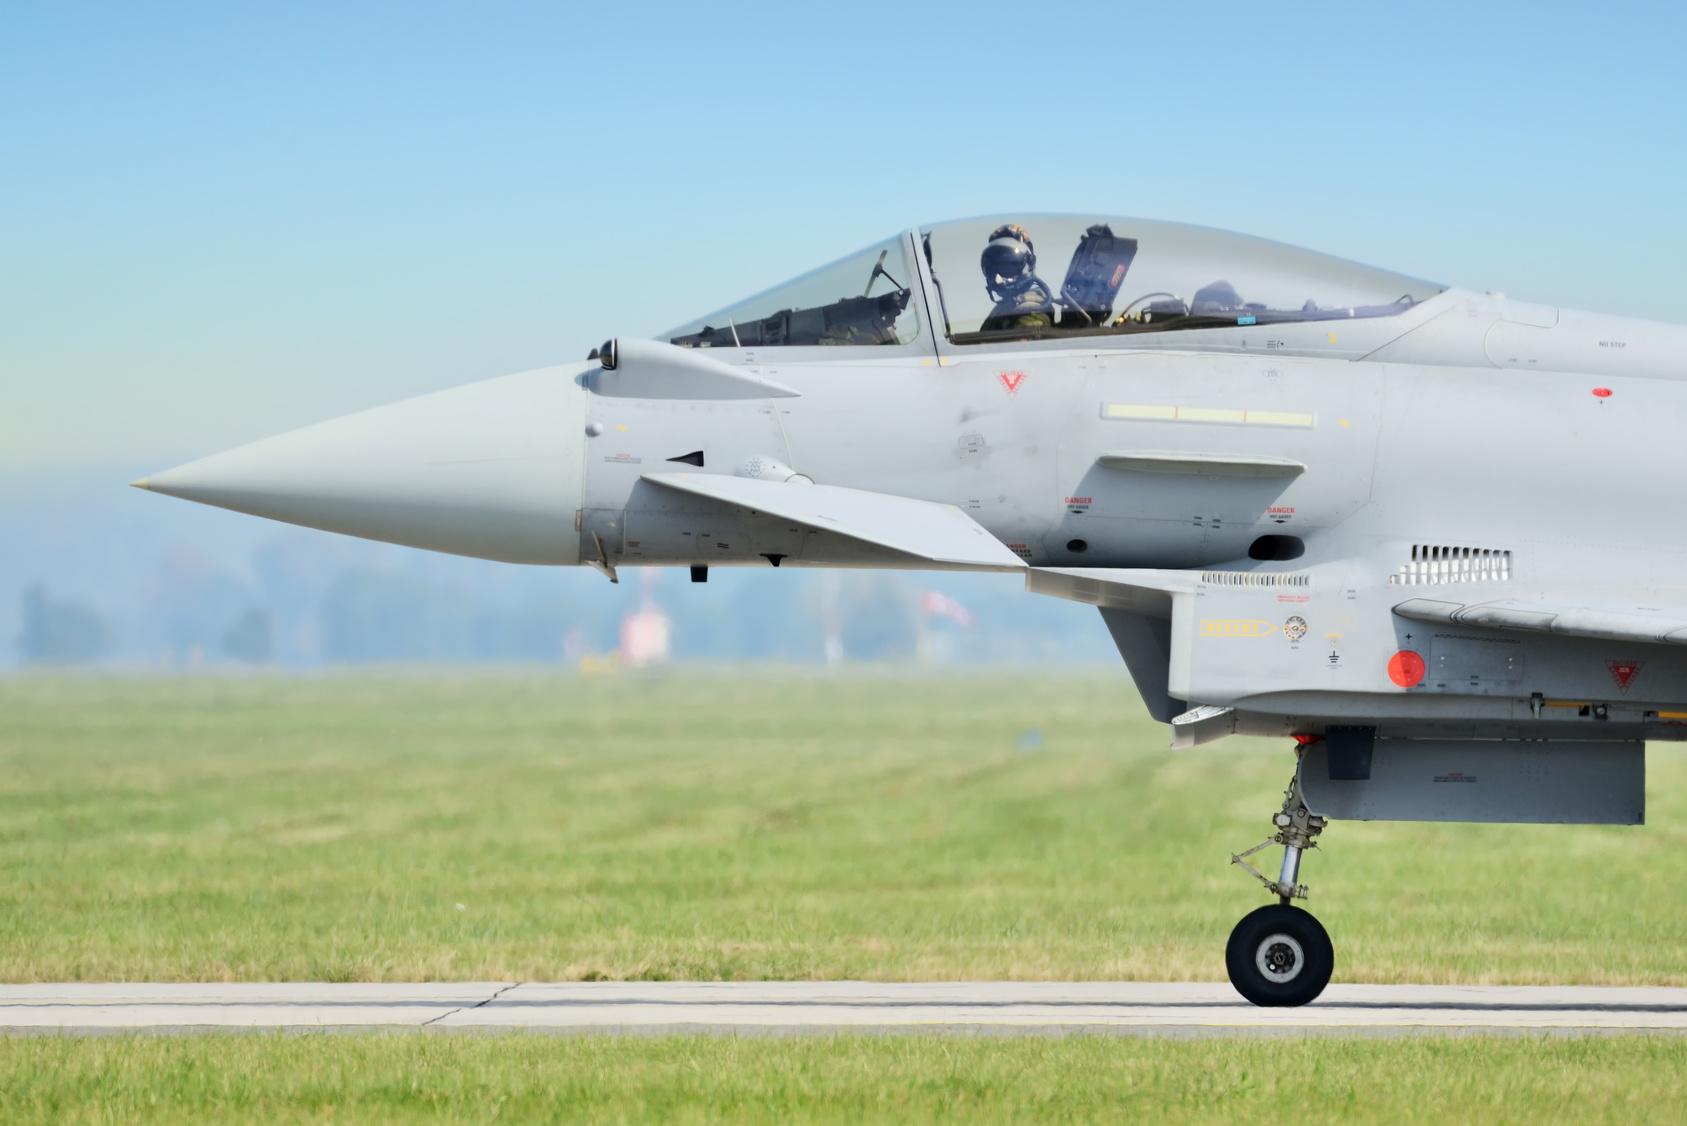 Nach Jetabschuss Russland droht nun mit Abschuss von US-Flugzeugen